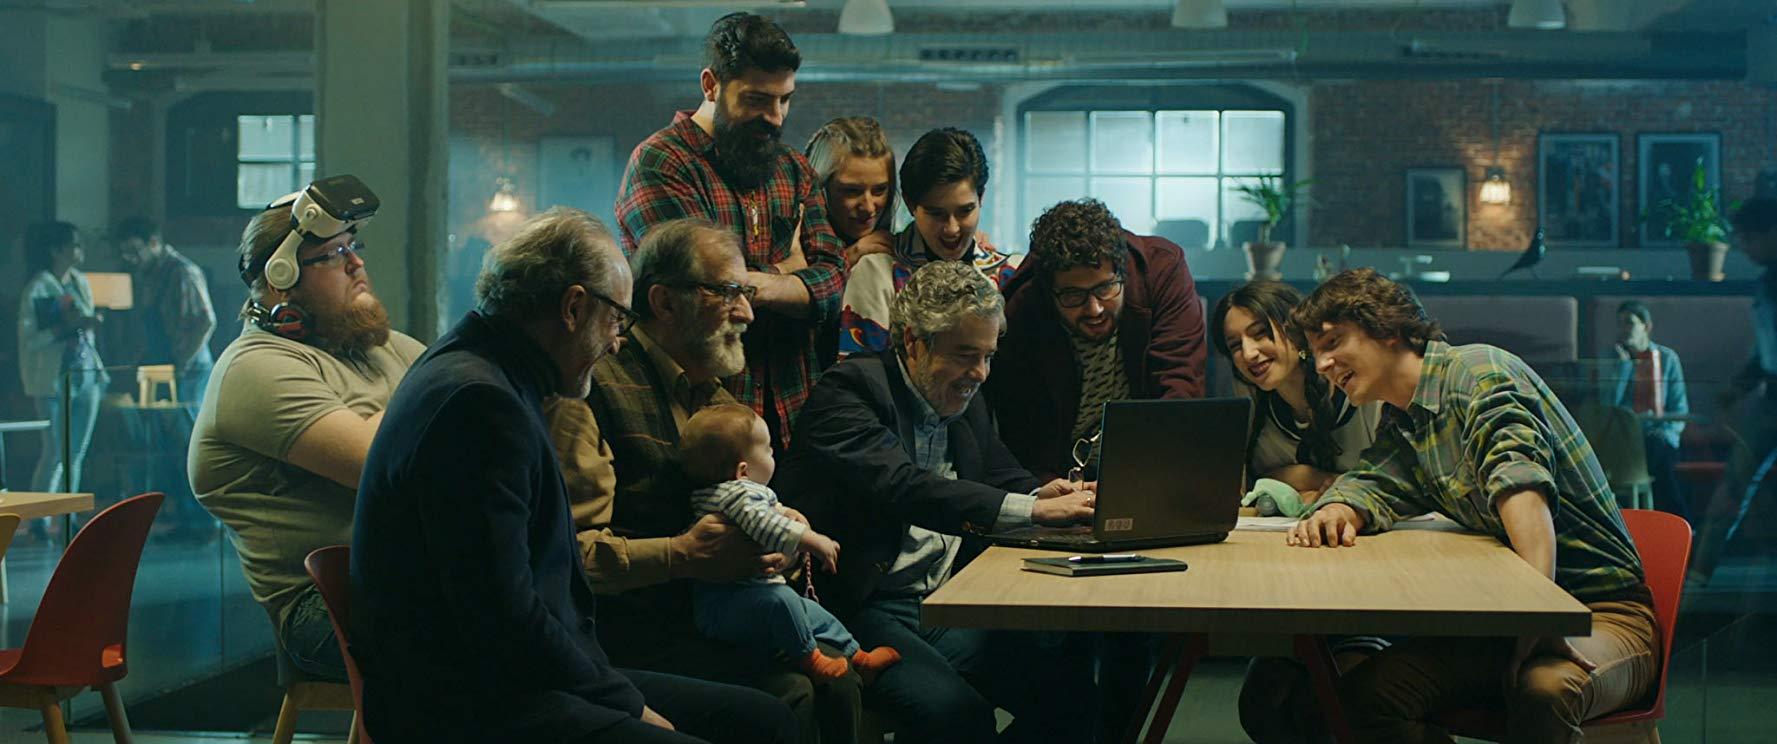 Ramon Barea - Carlos Iglesias y Roberto Alvarez en una imagen de la película Abuelos (2019)